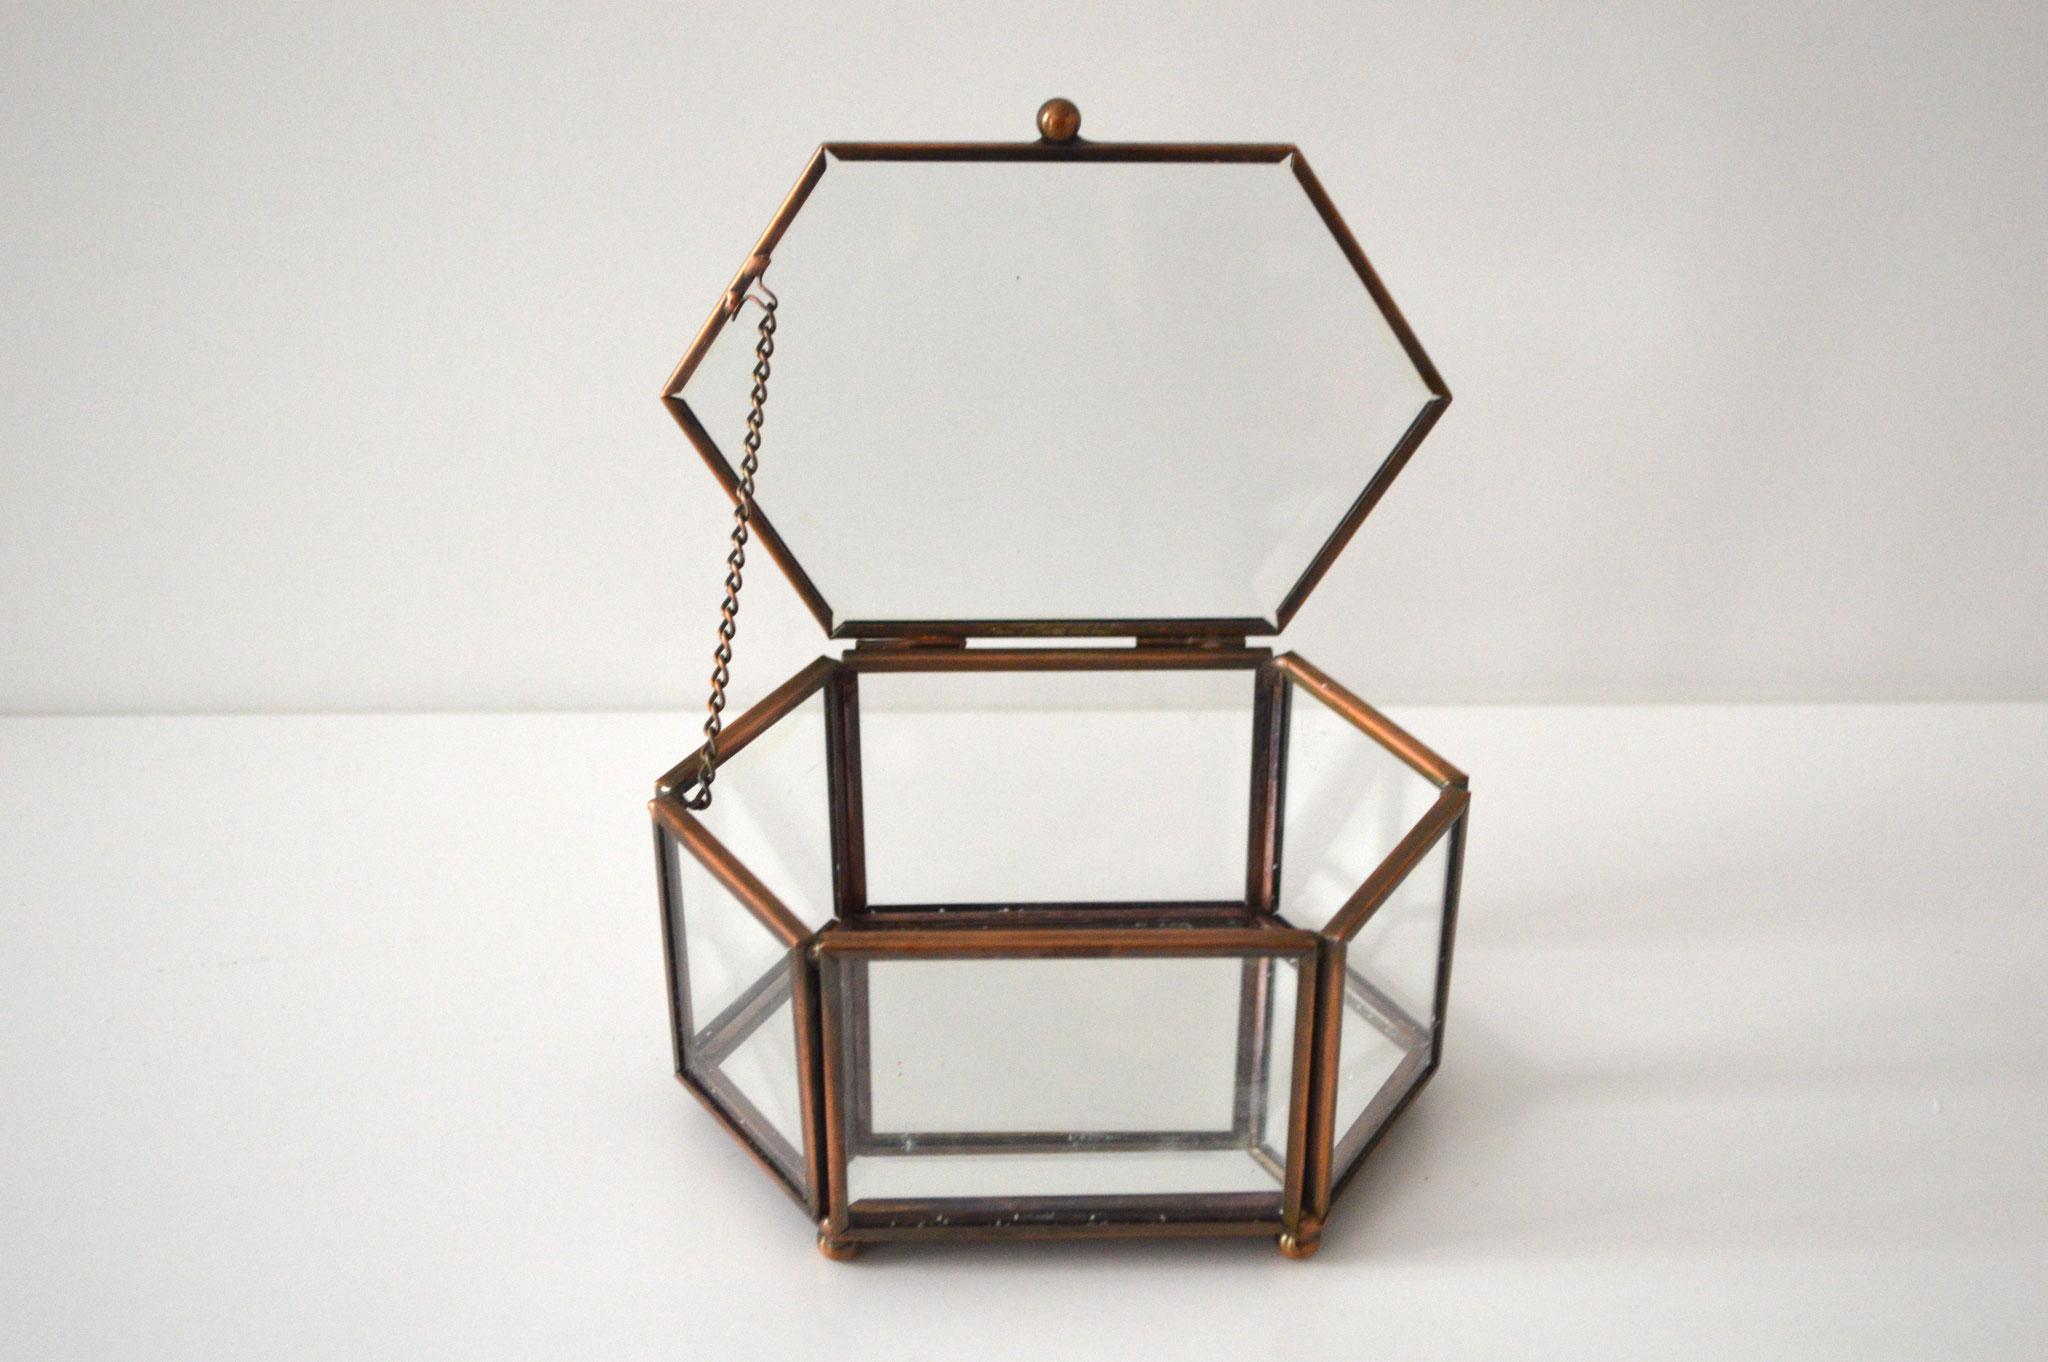 A) € 5, Breite ca. 14 cm breit, Höhe ca. 7,5 cm und Tiefe ca. 9 cm, kupferfarben mit Spiegelboden